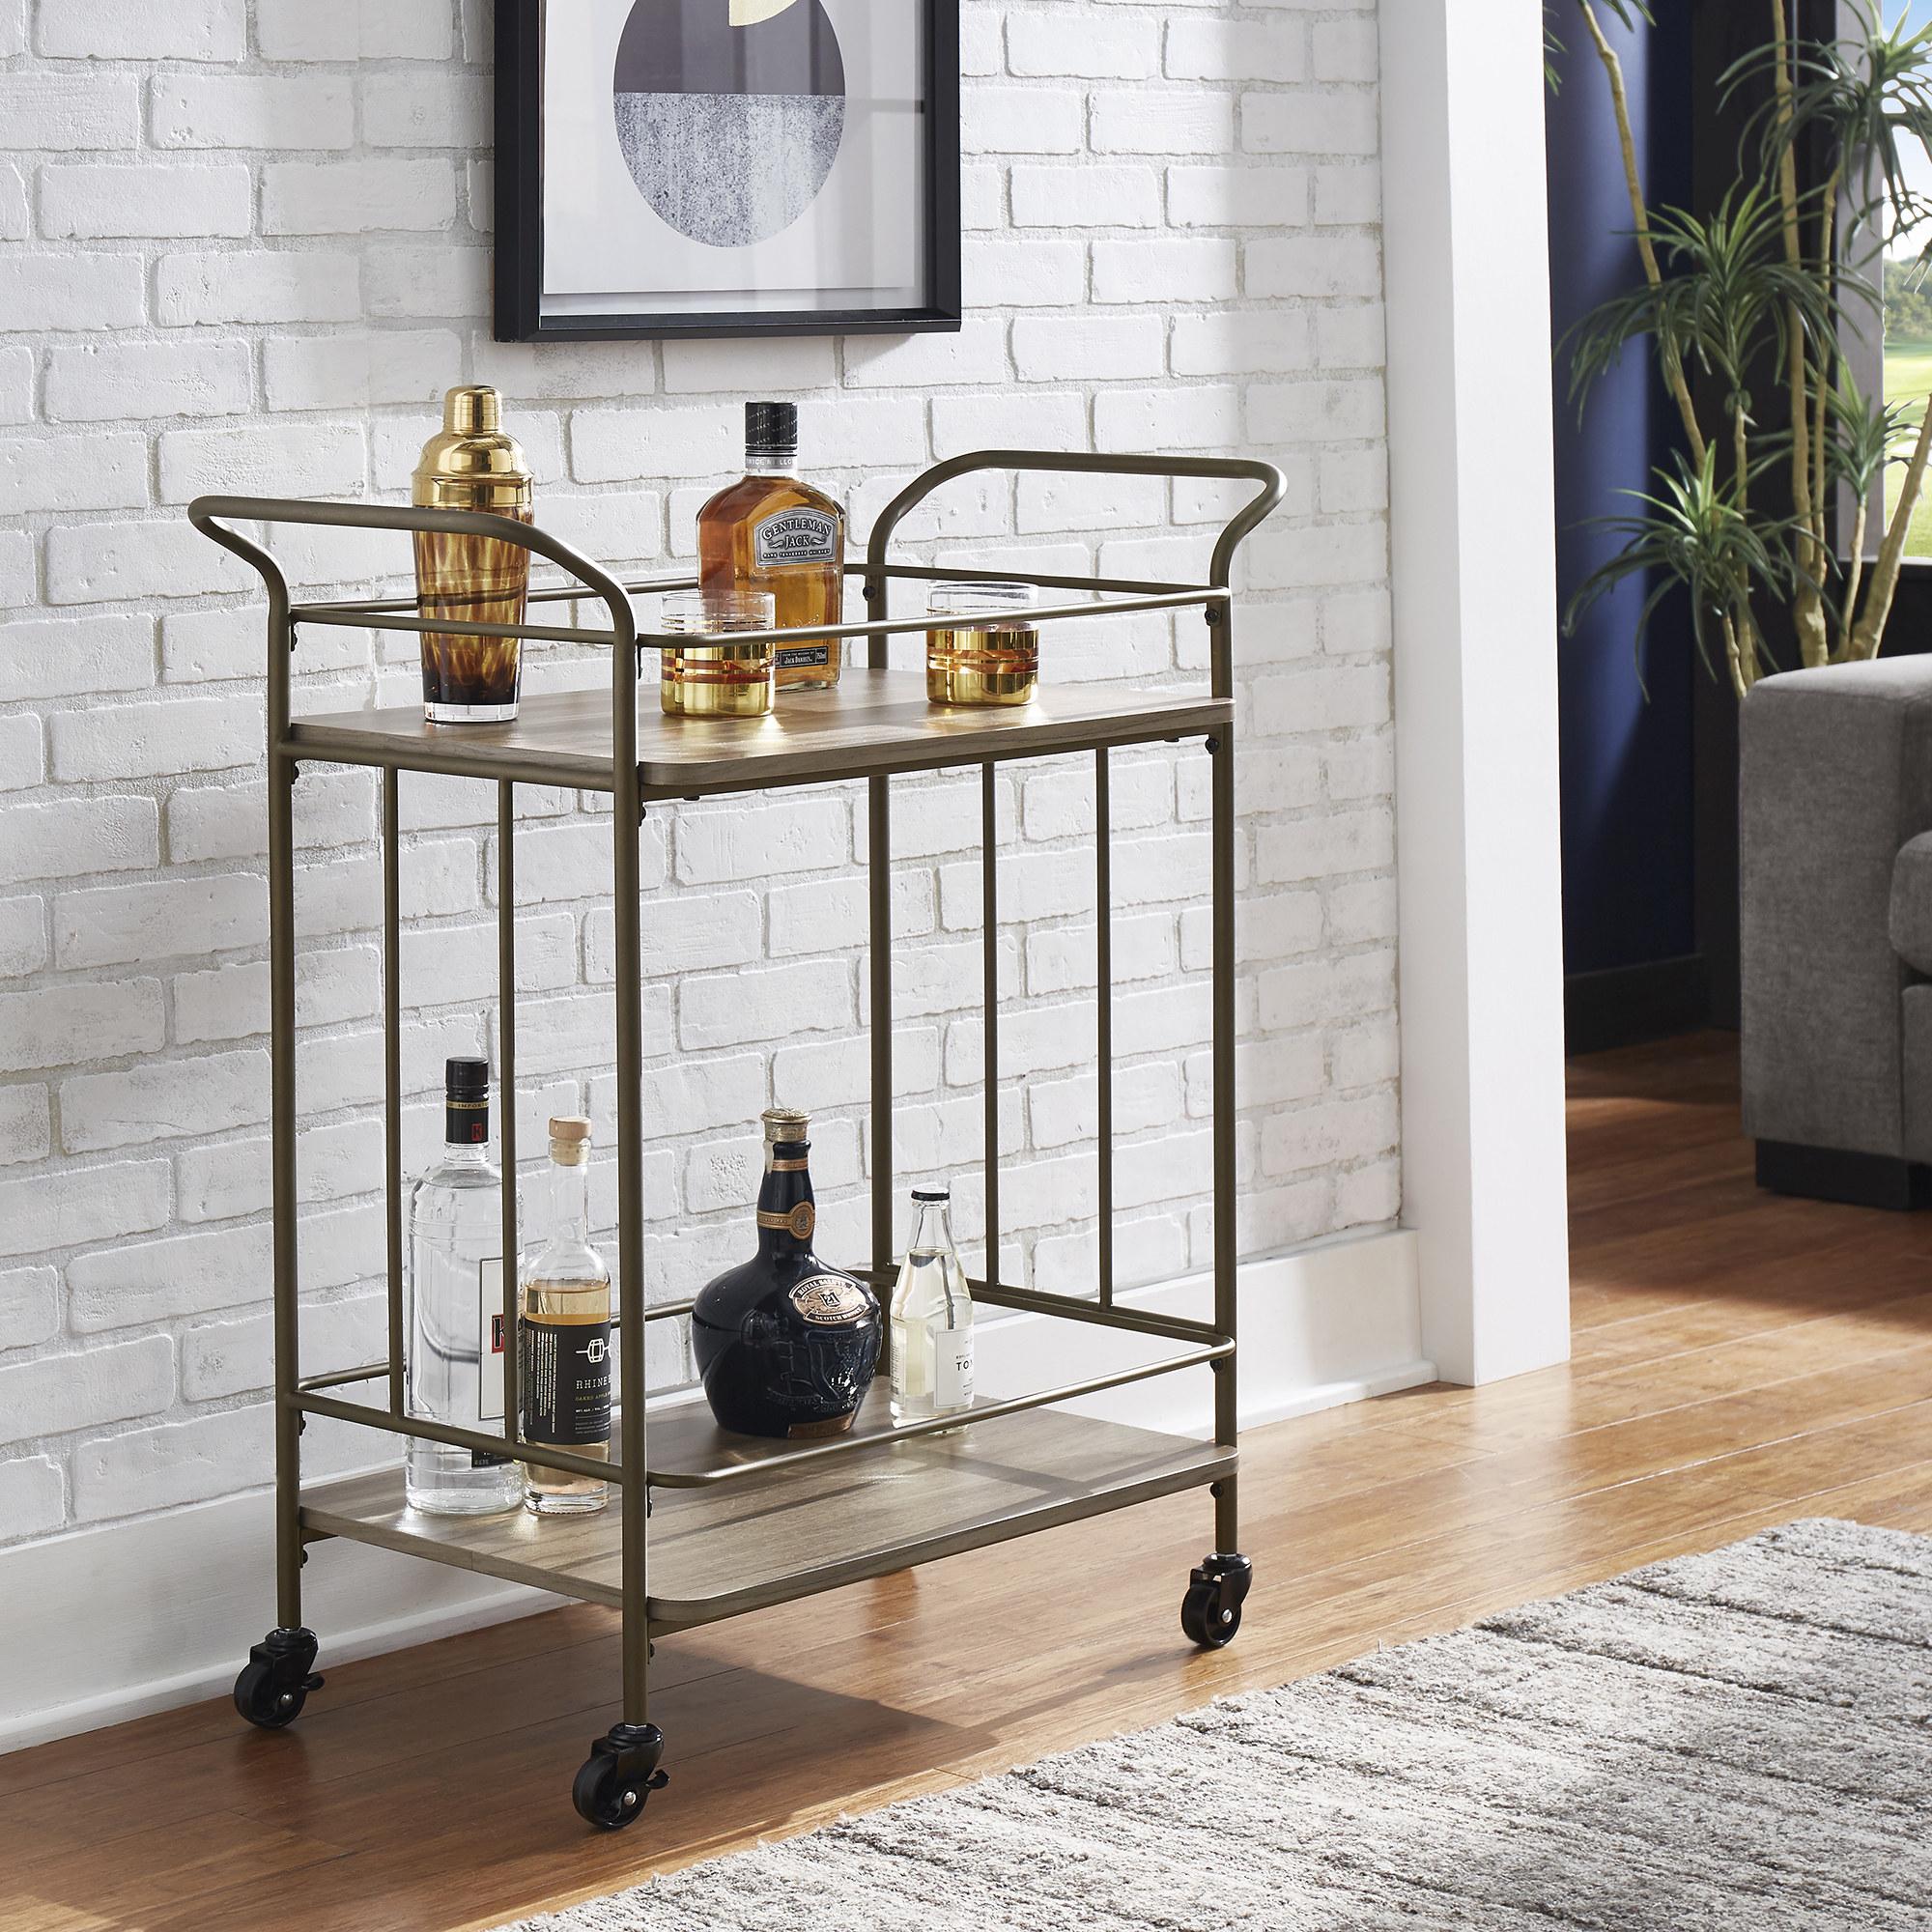 A simple bronze bar cart